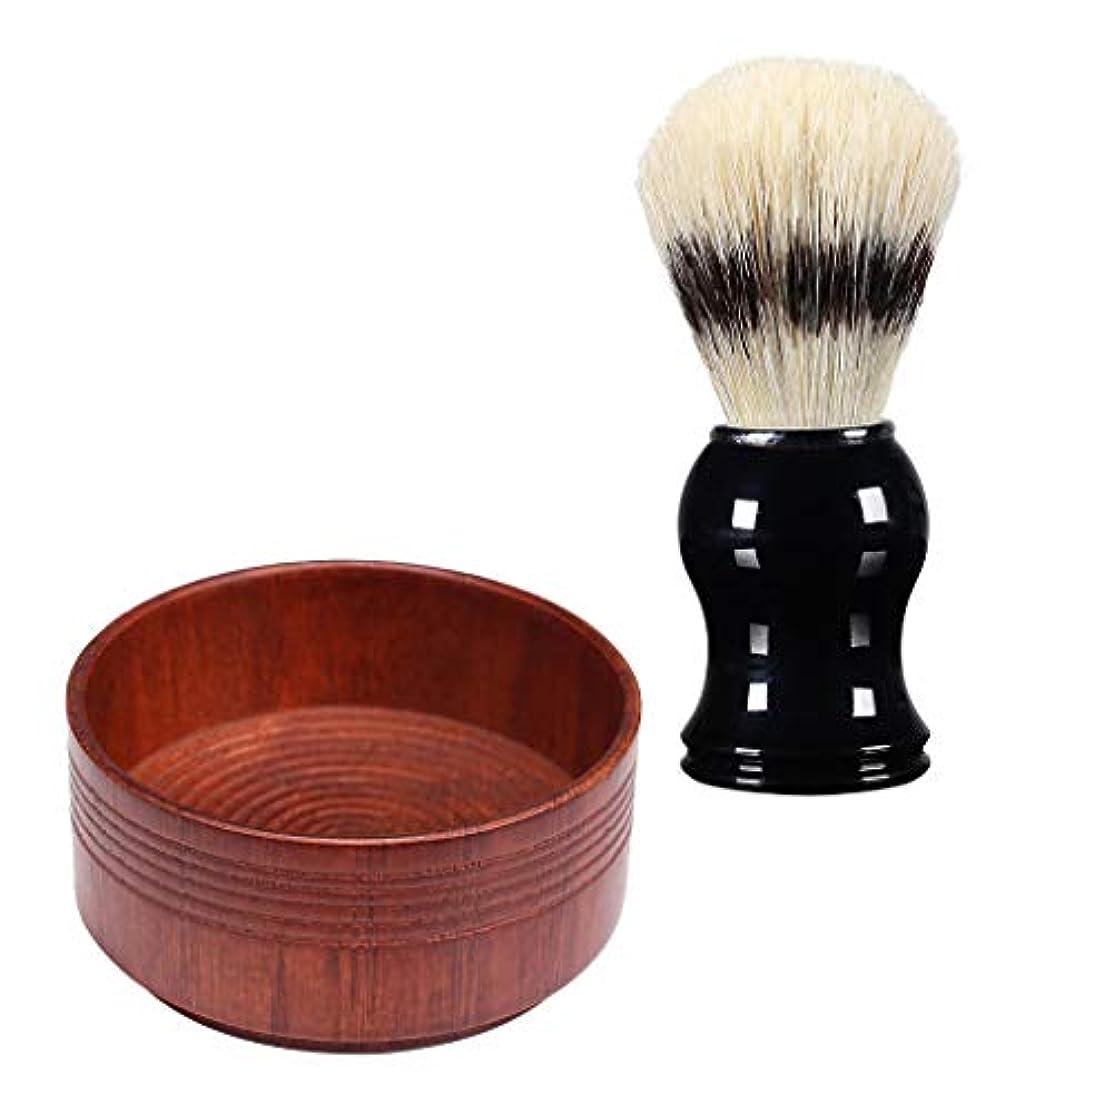 混乱させるシリンダー定規Hellery プロの男性のひげシェービングブラシ+オーク木製の石鹸クリームボウルマグカップセット - 03, 説明のとおり